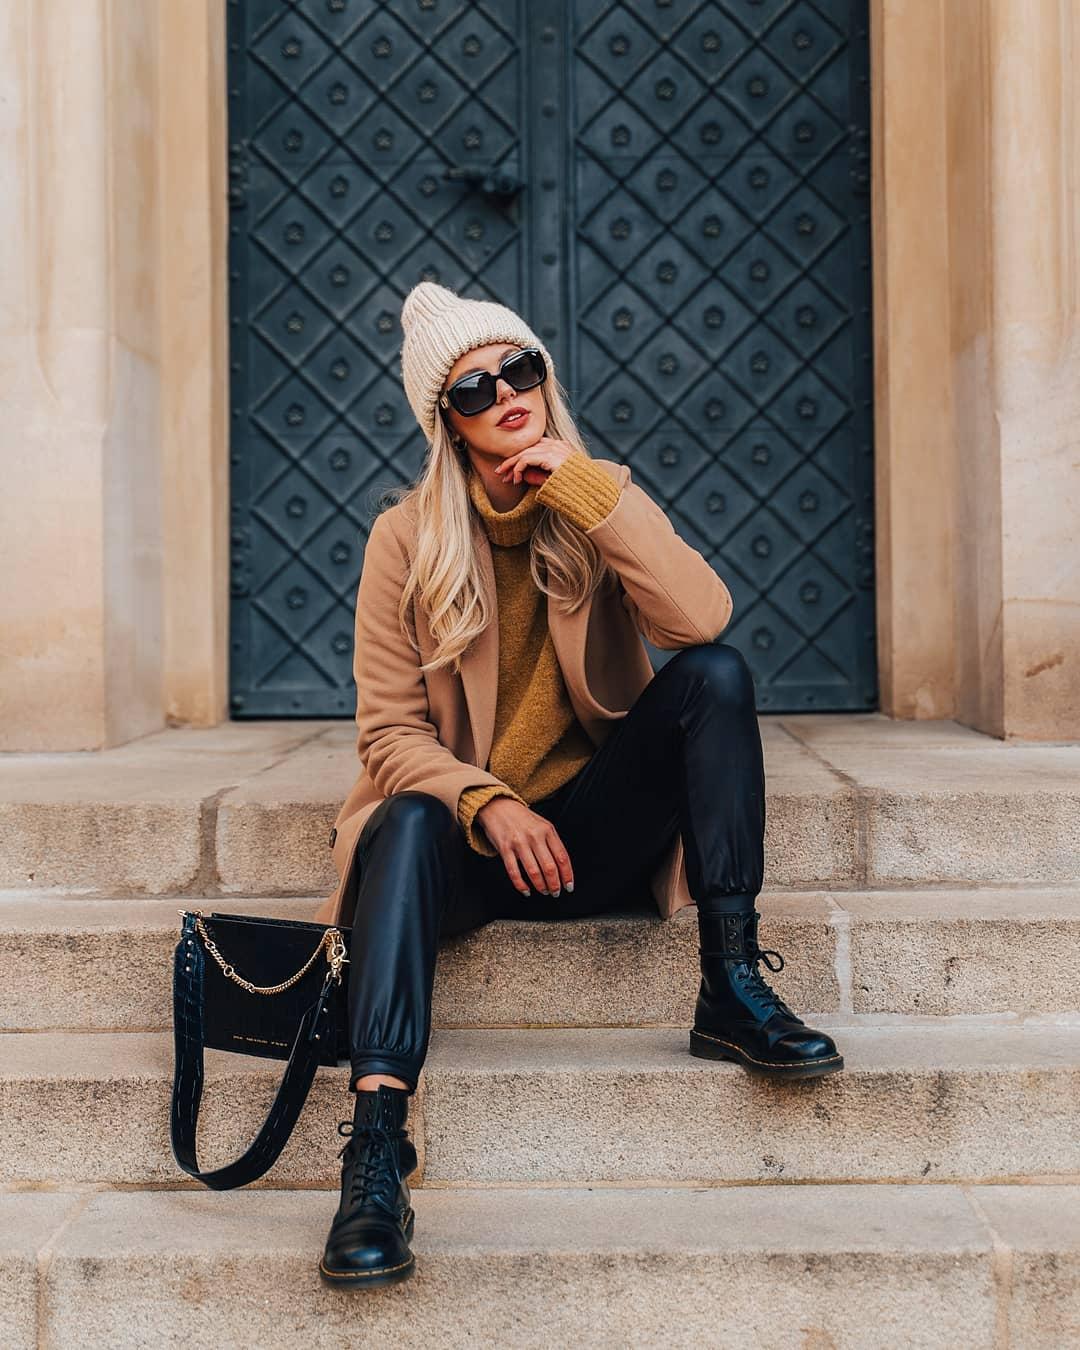 #FashionFriday s @wnb_mischa . A teď upřímně, kdo si v zimě s chutí oblékne studené a tvrdé džíny? Koženkové kalhoty nebo legíny jsou super zimní alternativou! Je v nich teplo a mají v sobě kus punku. Punkové kalhoty @wnb_mischa doplnila ještě punkovnějšími boty a svetr s kabátem v různých odstínech béžové, která je tenhle rok trendy.  Skvostem jednoduchého outfitu jsou doplňky v podobě kabelky a luxusních brýlí #ChristianDior, bez kterých nemůže příští rok existovat! . . . . . #vasecocky #slunecnibryle #sunglasses #dnesnosim